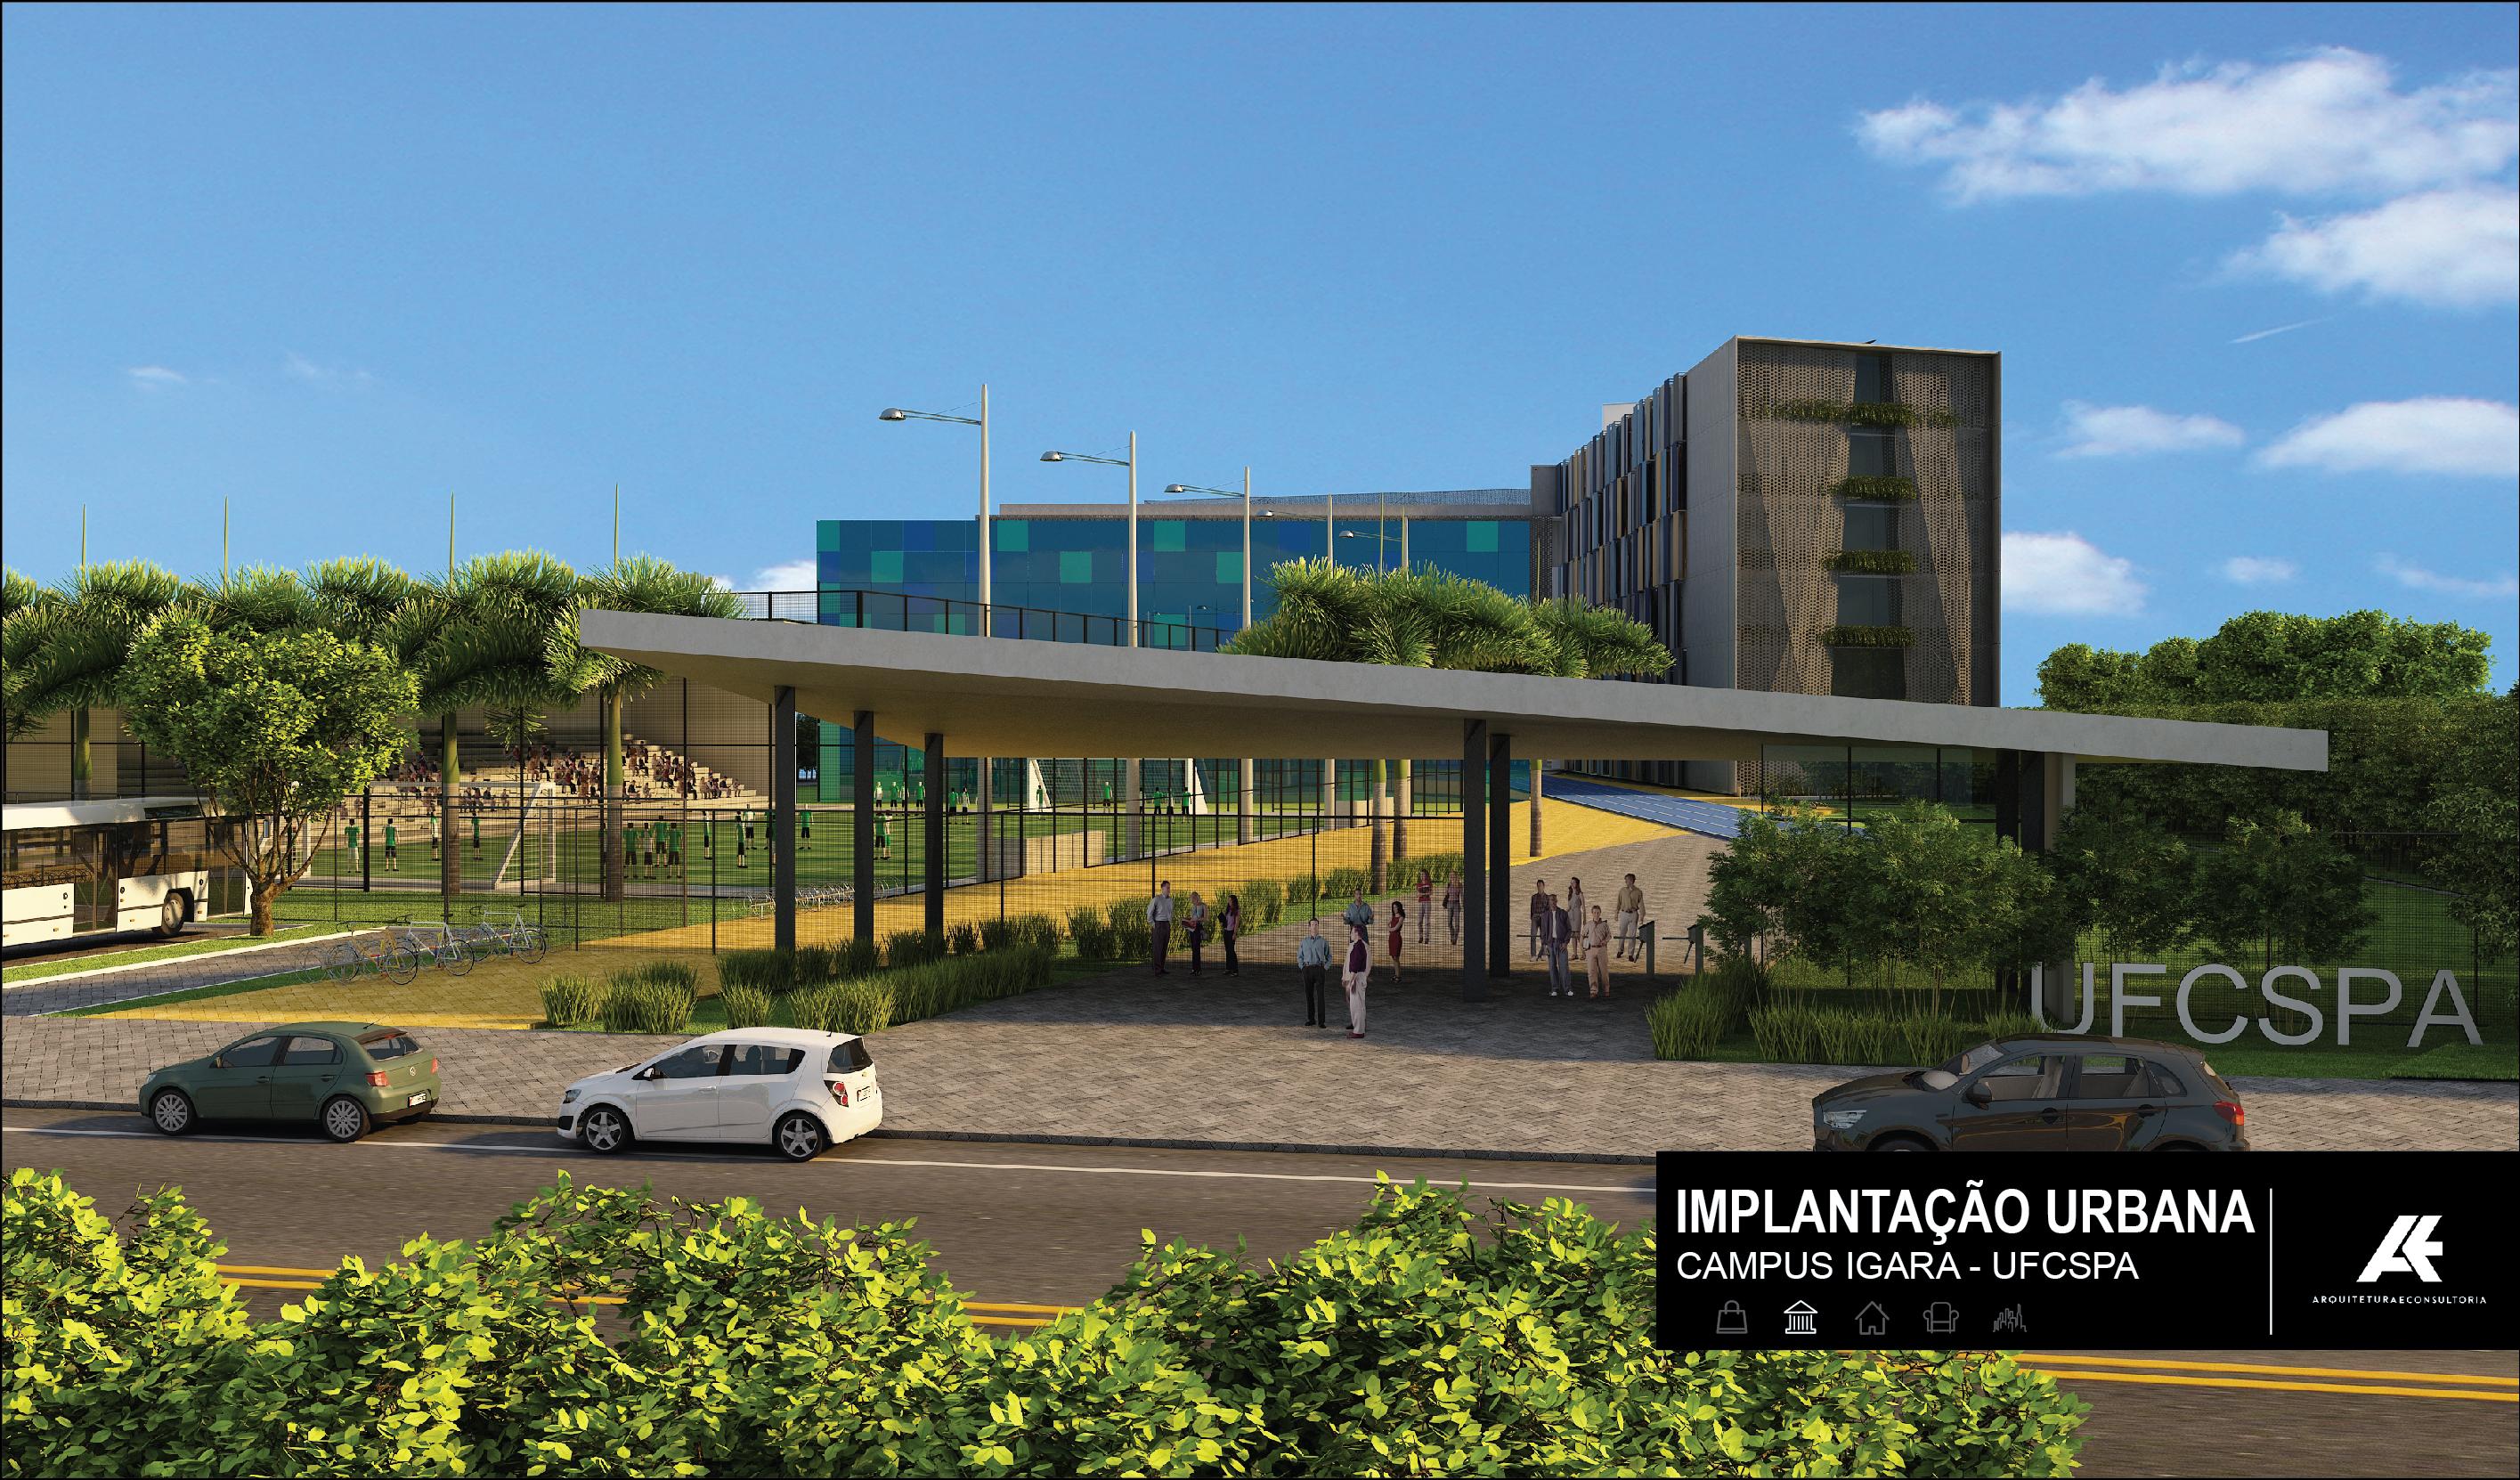 CUF_Render entrada campus-01